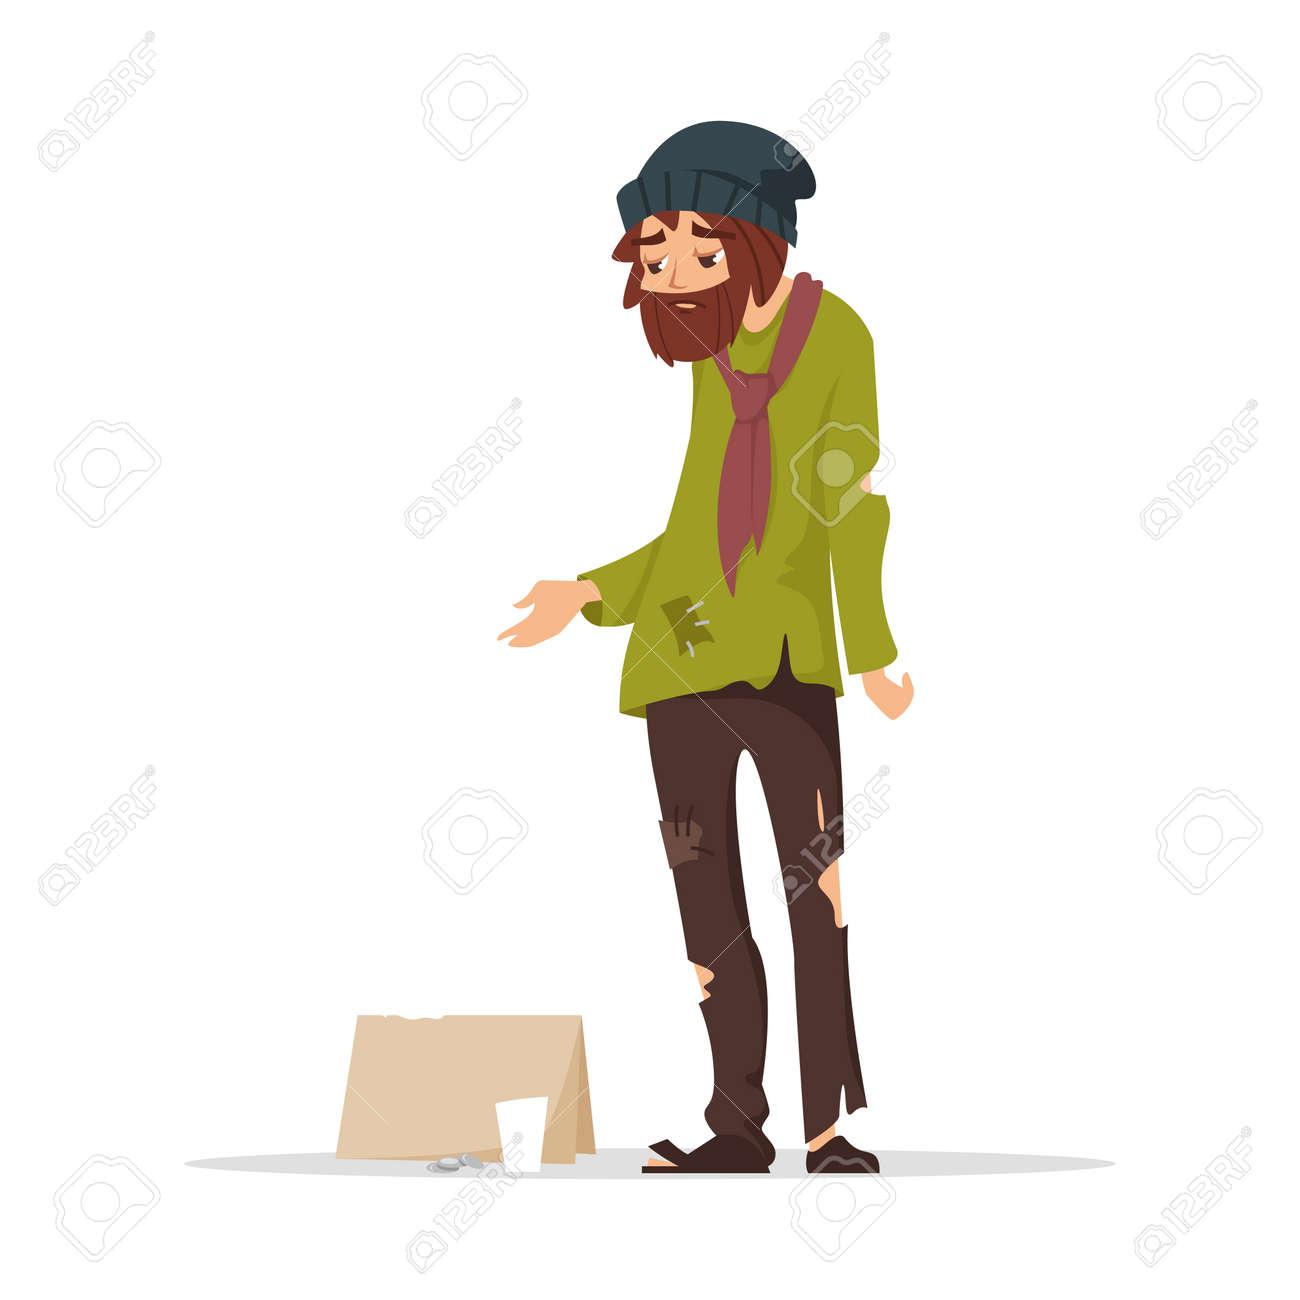 58c32578f173 Vector ilustración de estilo de dibujos animados de pobre hombre en ropa  rasgada pidiendo dinero. Aislados en fondo blanco.